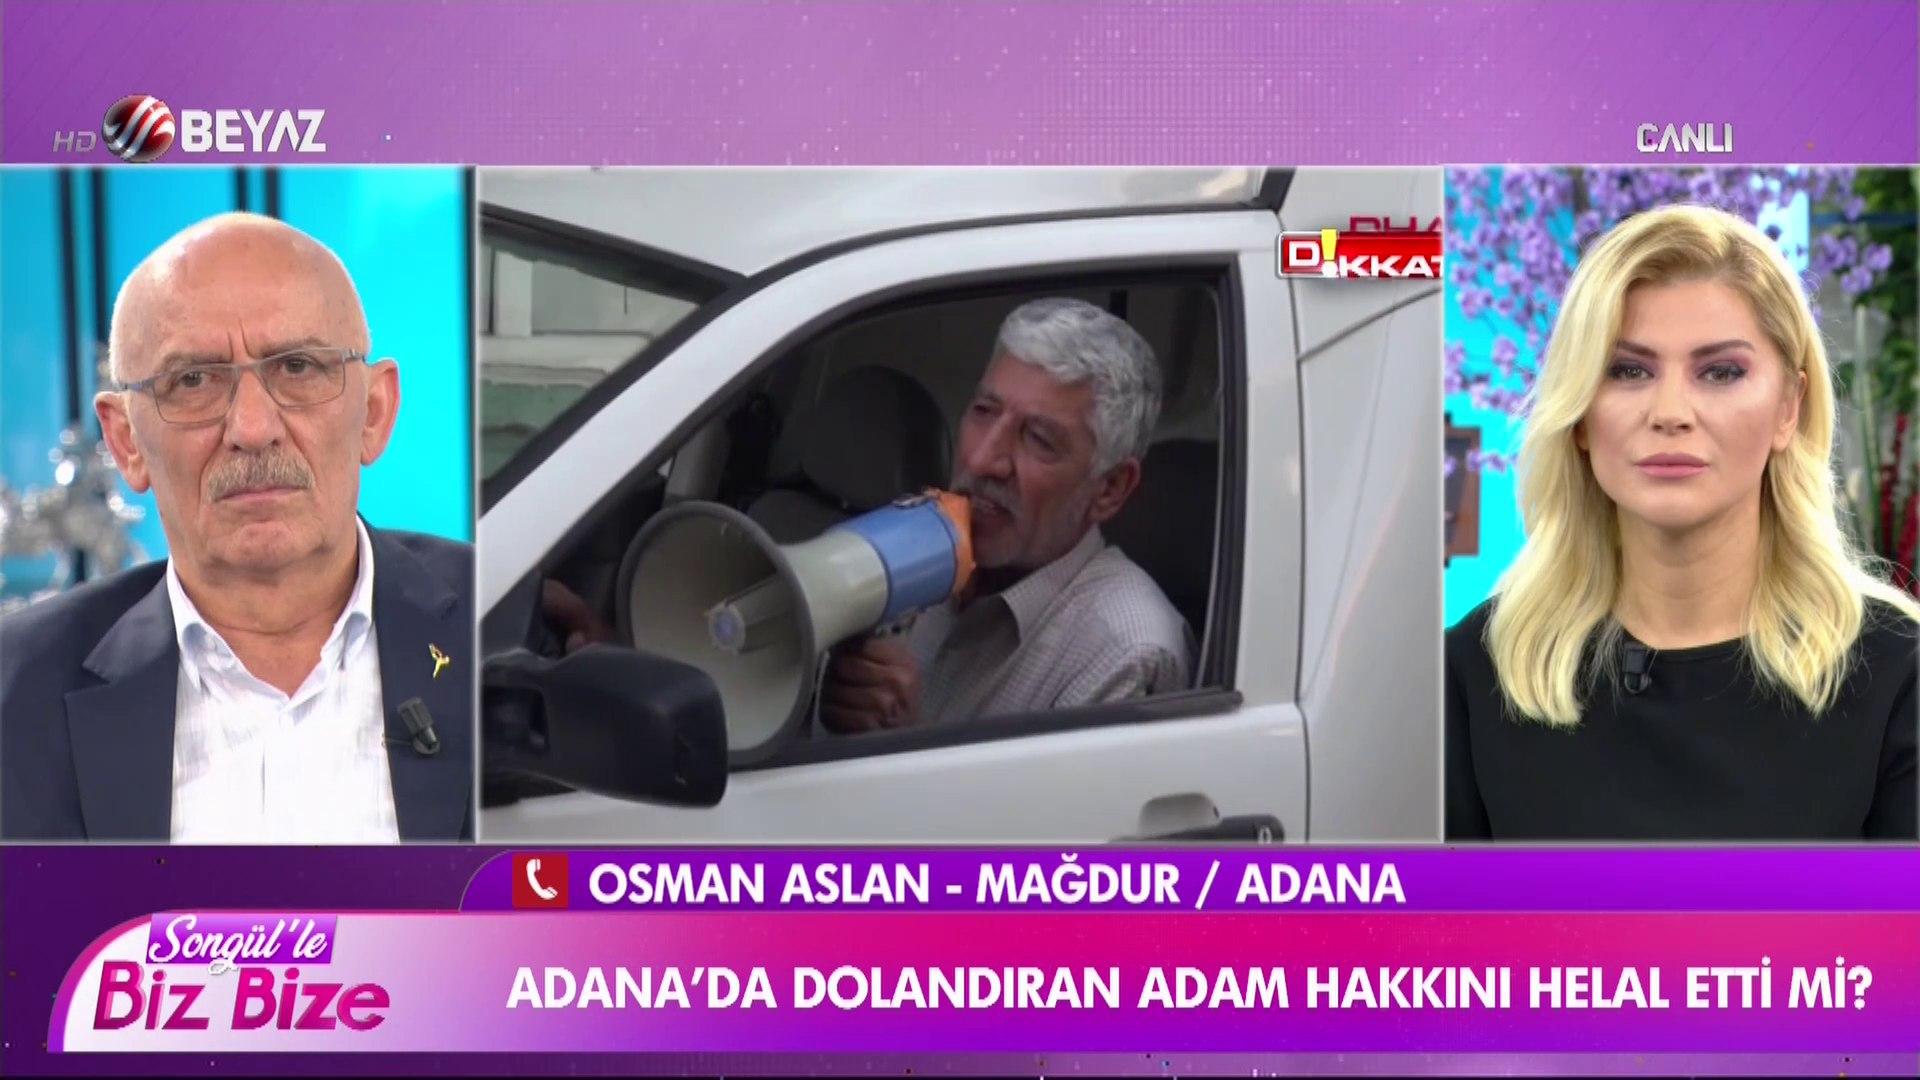 Adana'da dolandırıcısını ifşa eden adam canlı yayına bağlandı